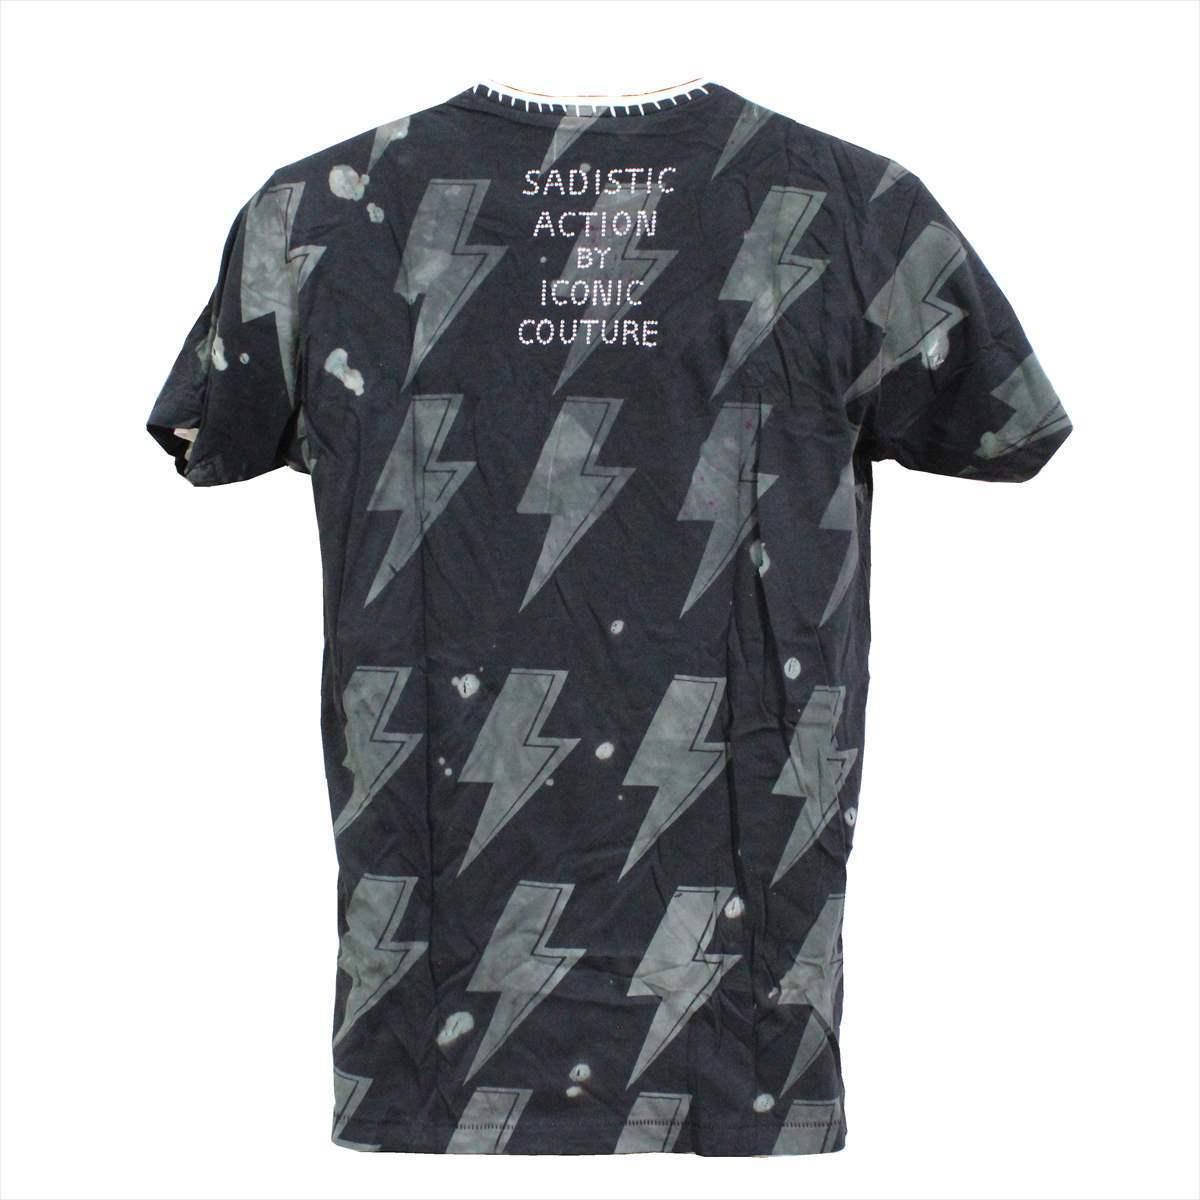 サディスティックアクション SADISTIC ACTION アイコニック ICONIC COUTURE メンズ半袖Tシャツ AC/DC Sサイズ 新品 アメリカ製_画像4